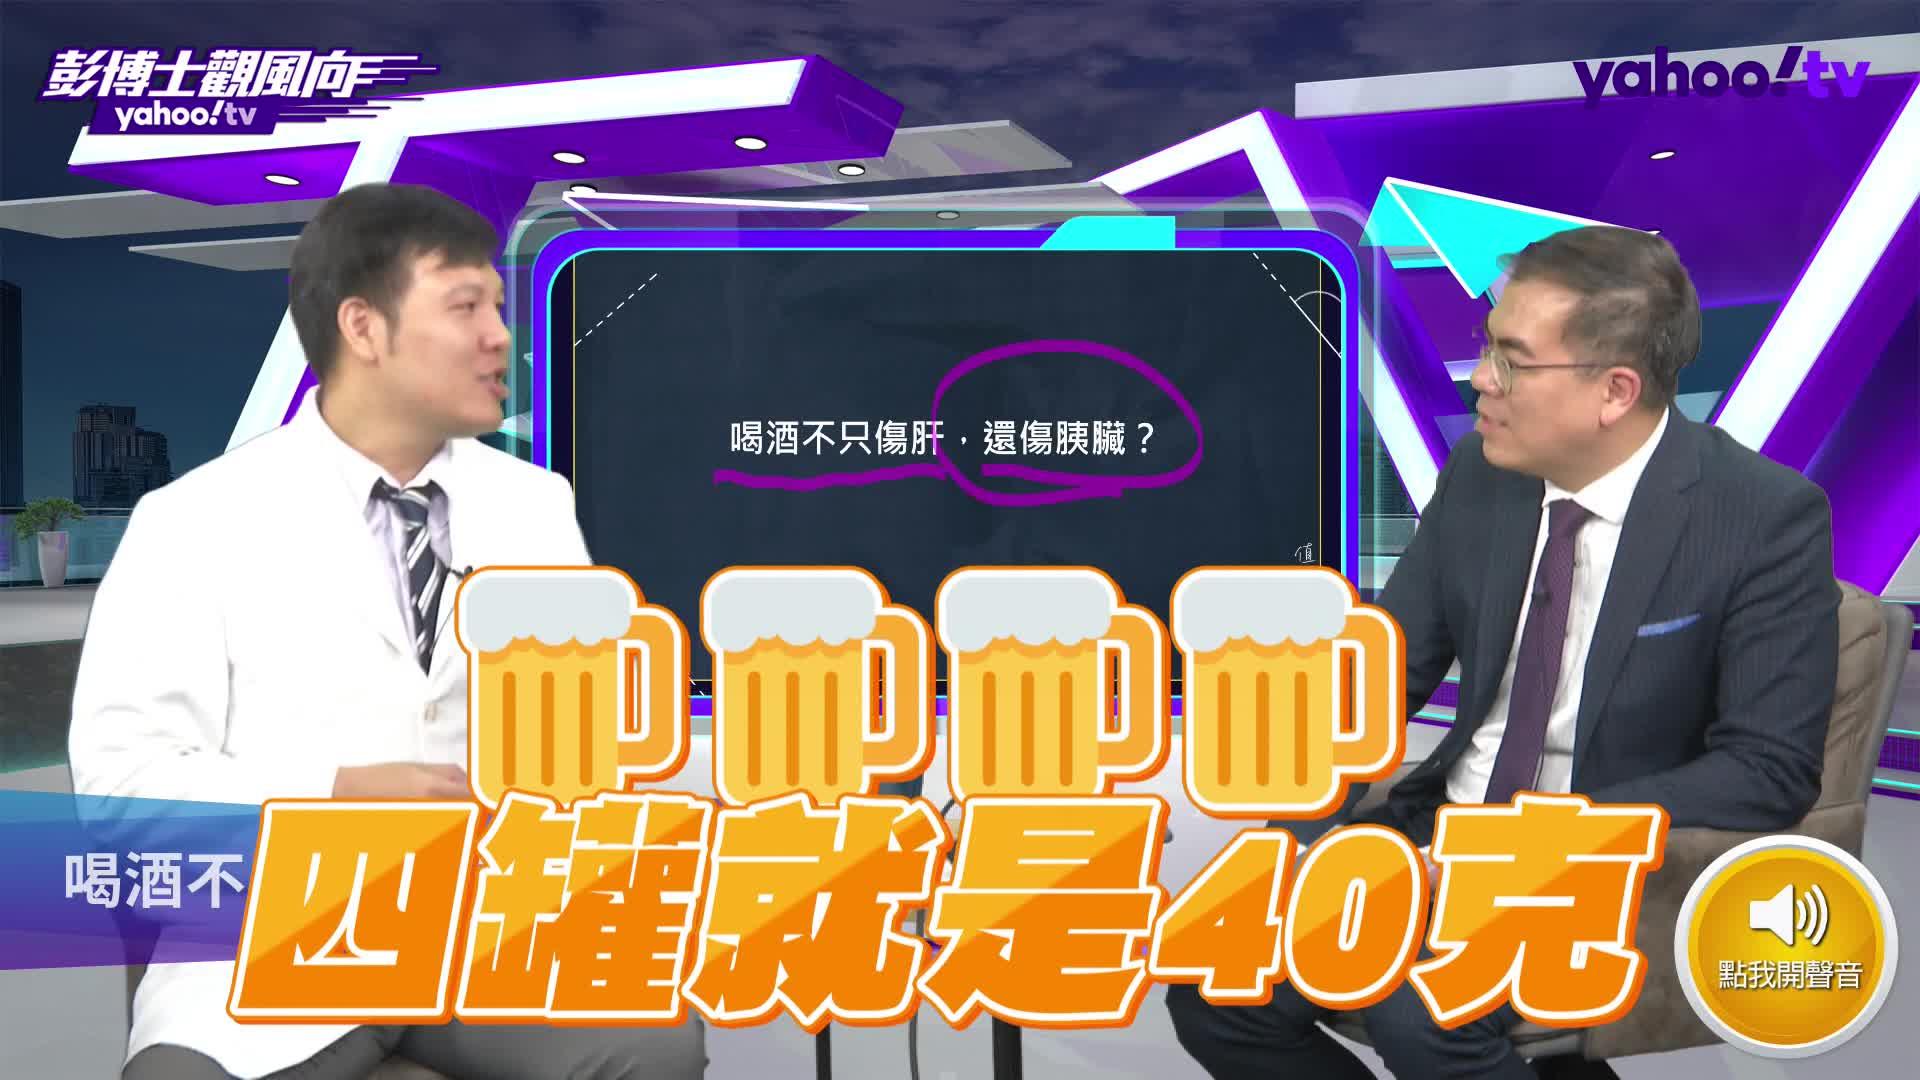 台灣人胰臟發炎主因前三是喝酒、膽結石、三酸甘油脂